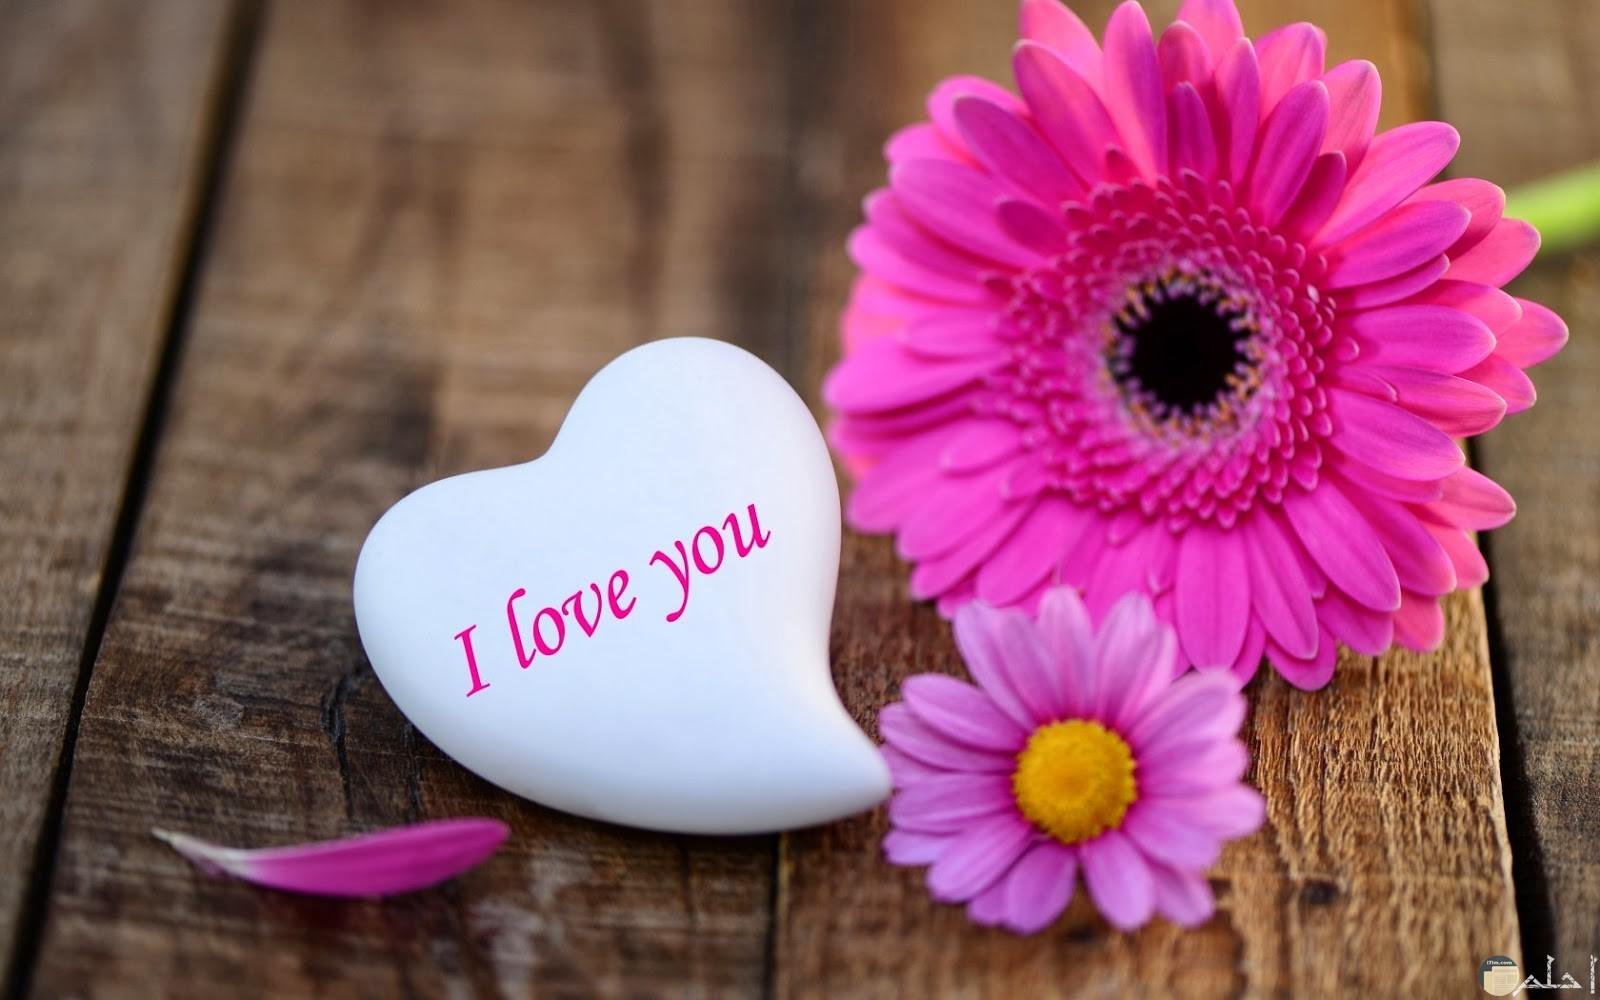 قلب مكتوب عليه احبك بالانجليزية مع ورد بينك و موف رقيق جداً.